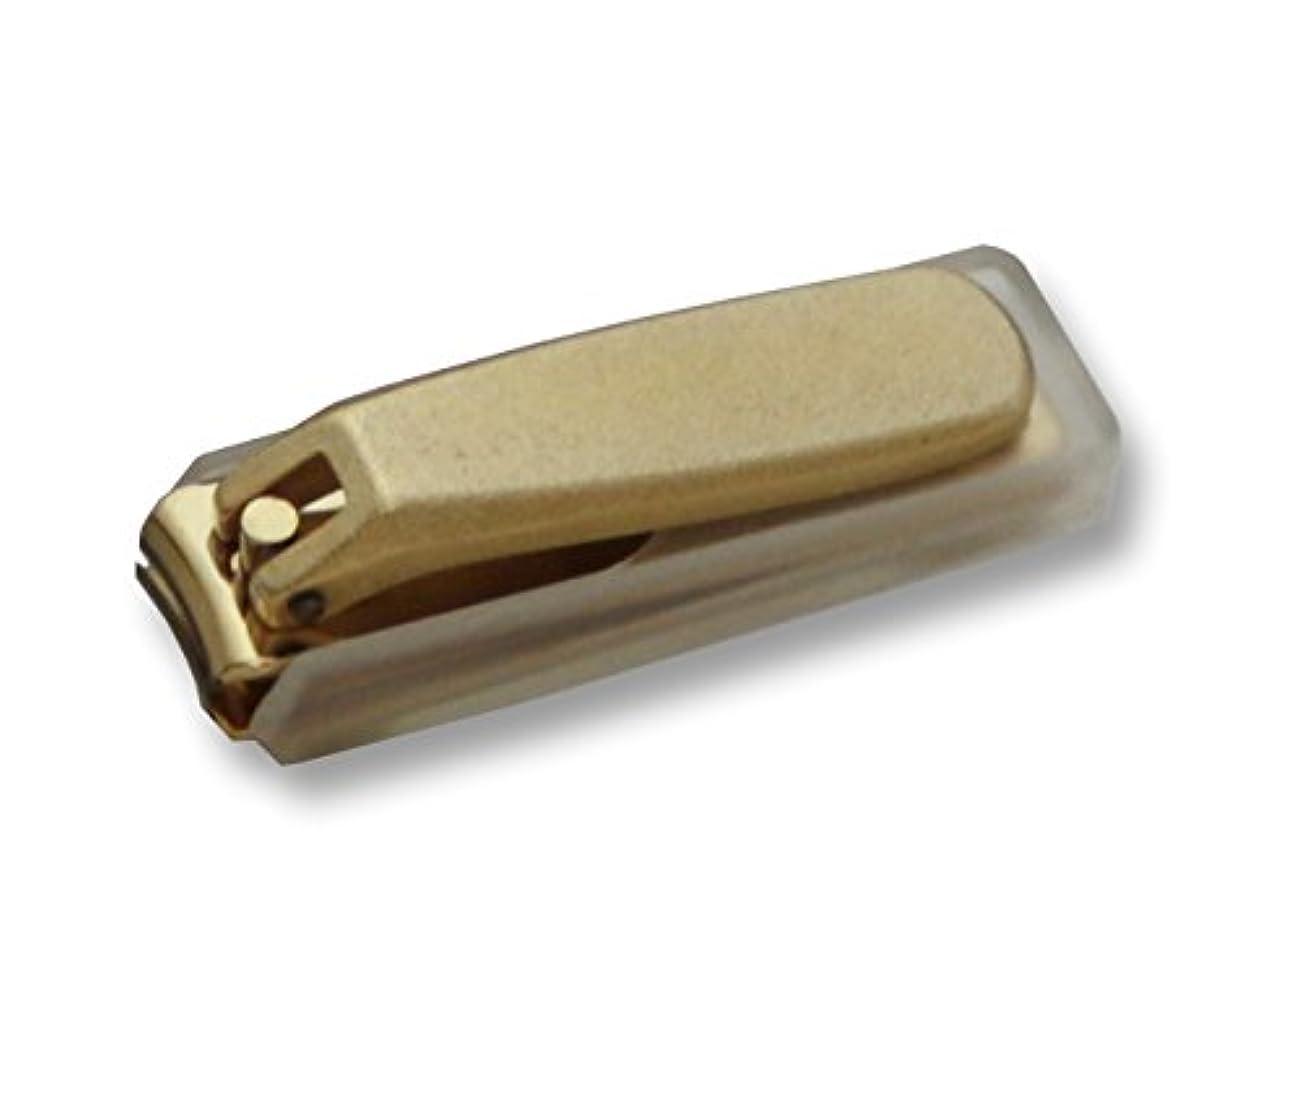 ギャングスター悪行アライメントKD-032 関の刃物 ゴールド爪切 小 カバー付